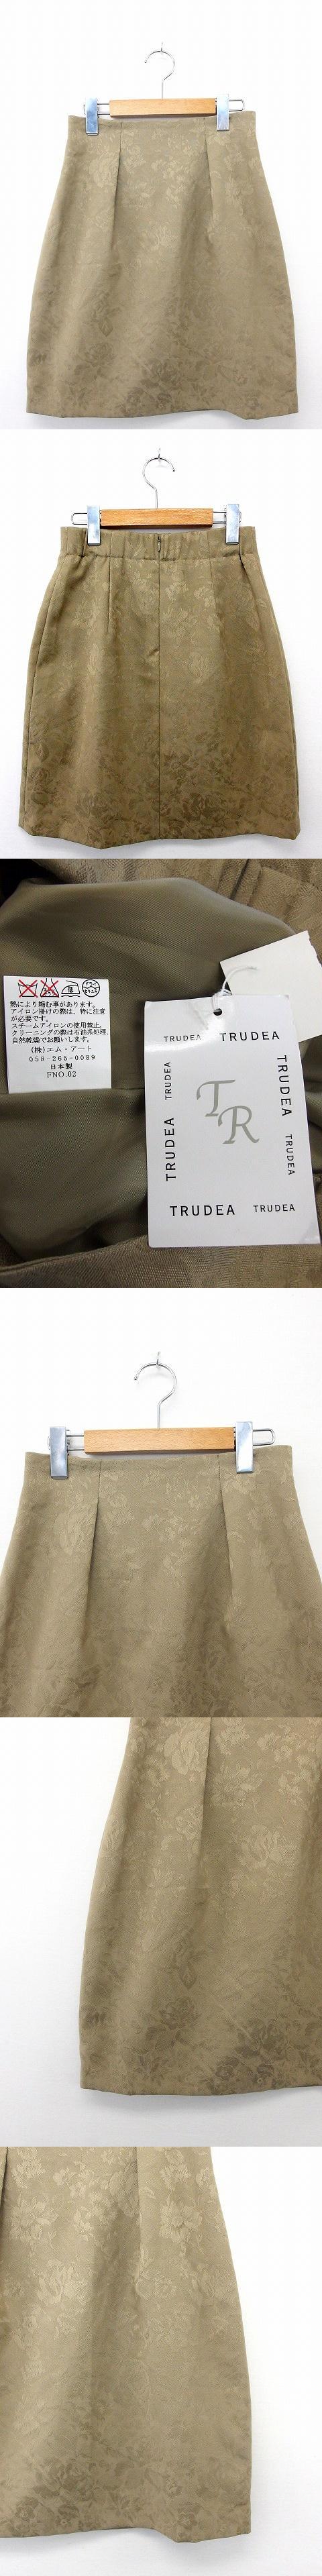 タグ付き TRUDEA スカート ボトムス フレア 総柄 ジップ 64 カーキ 緑 /UT22